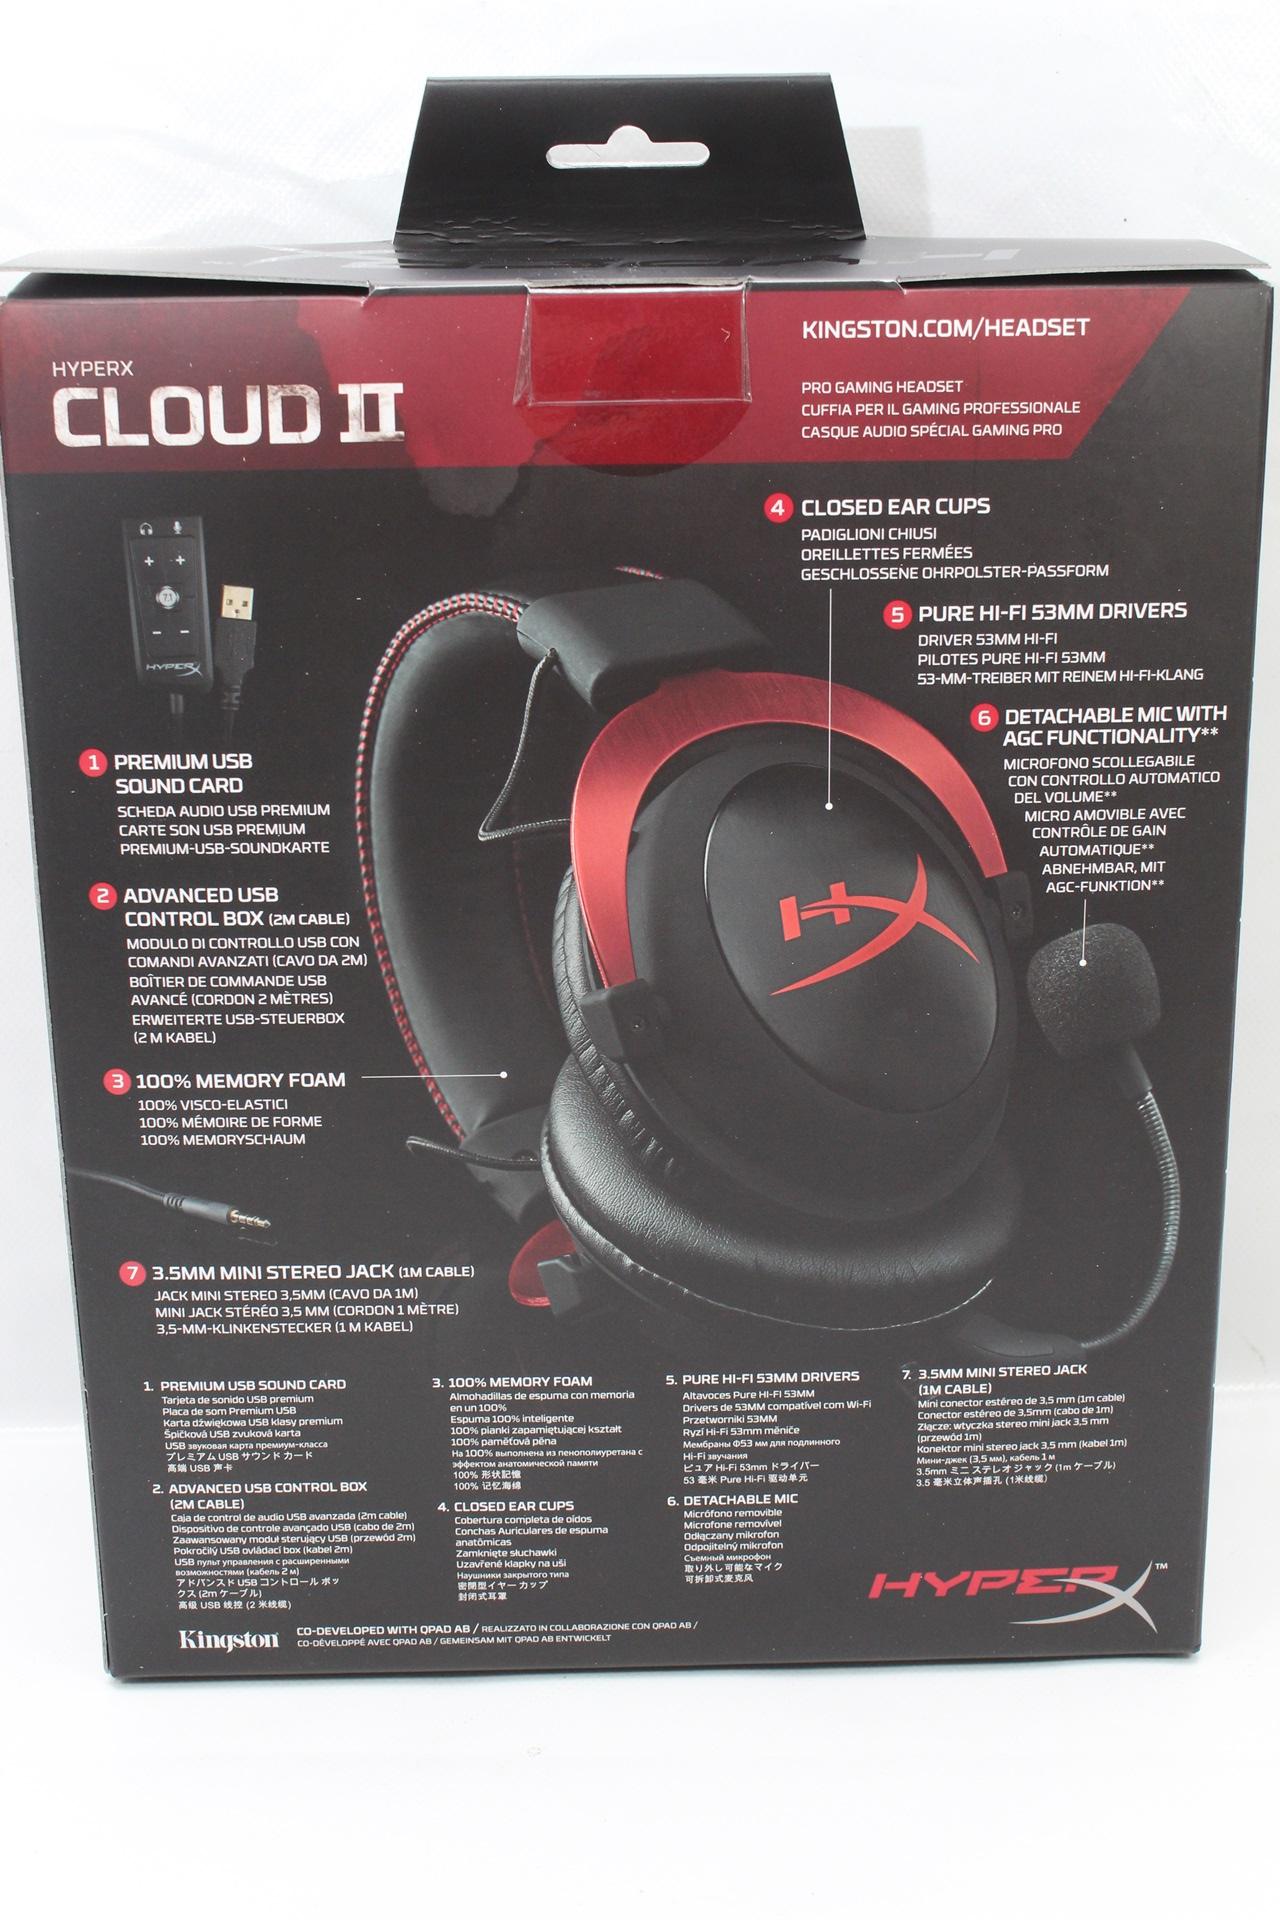 內建DSP音效卡,7.1聲道電競耳機,Kingston HyperX Cloud II更逼真的音效感受